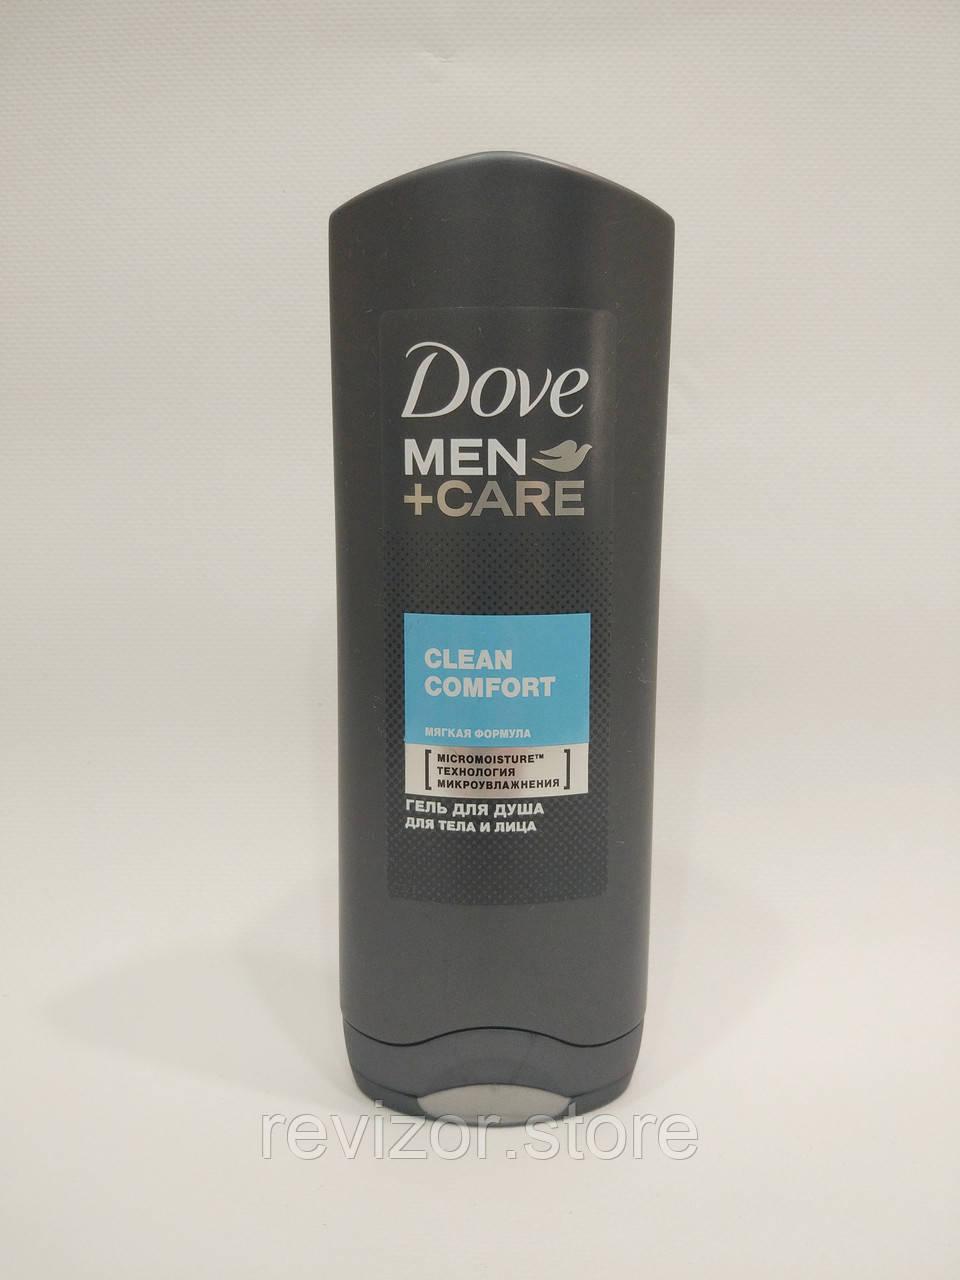 Гель для душа Men+Care Мягкая формула 250 мл - Dove 250 мл, фото 1